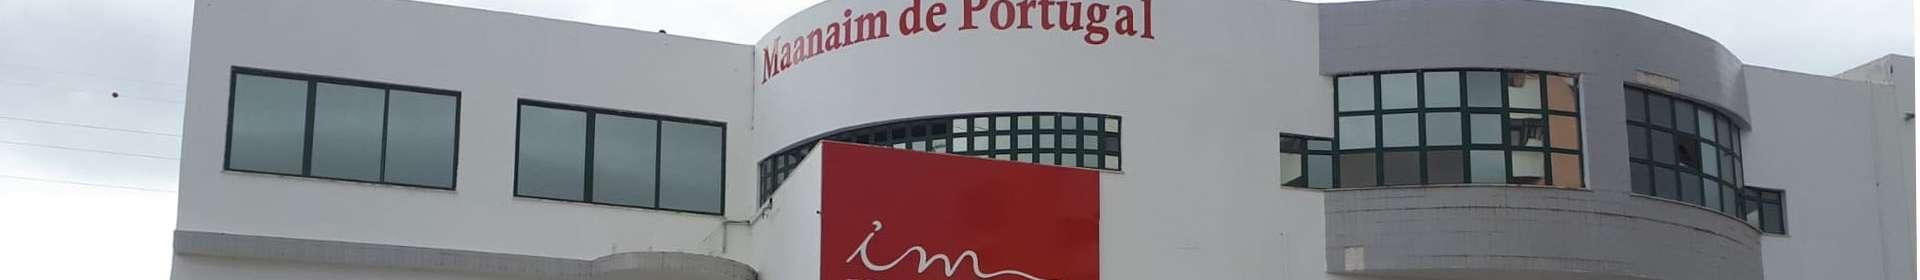 Cultos serão regularmente realizados no Maanaim de Portugal, em Lisboa